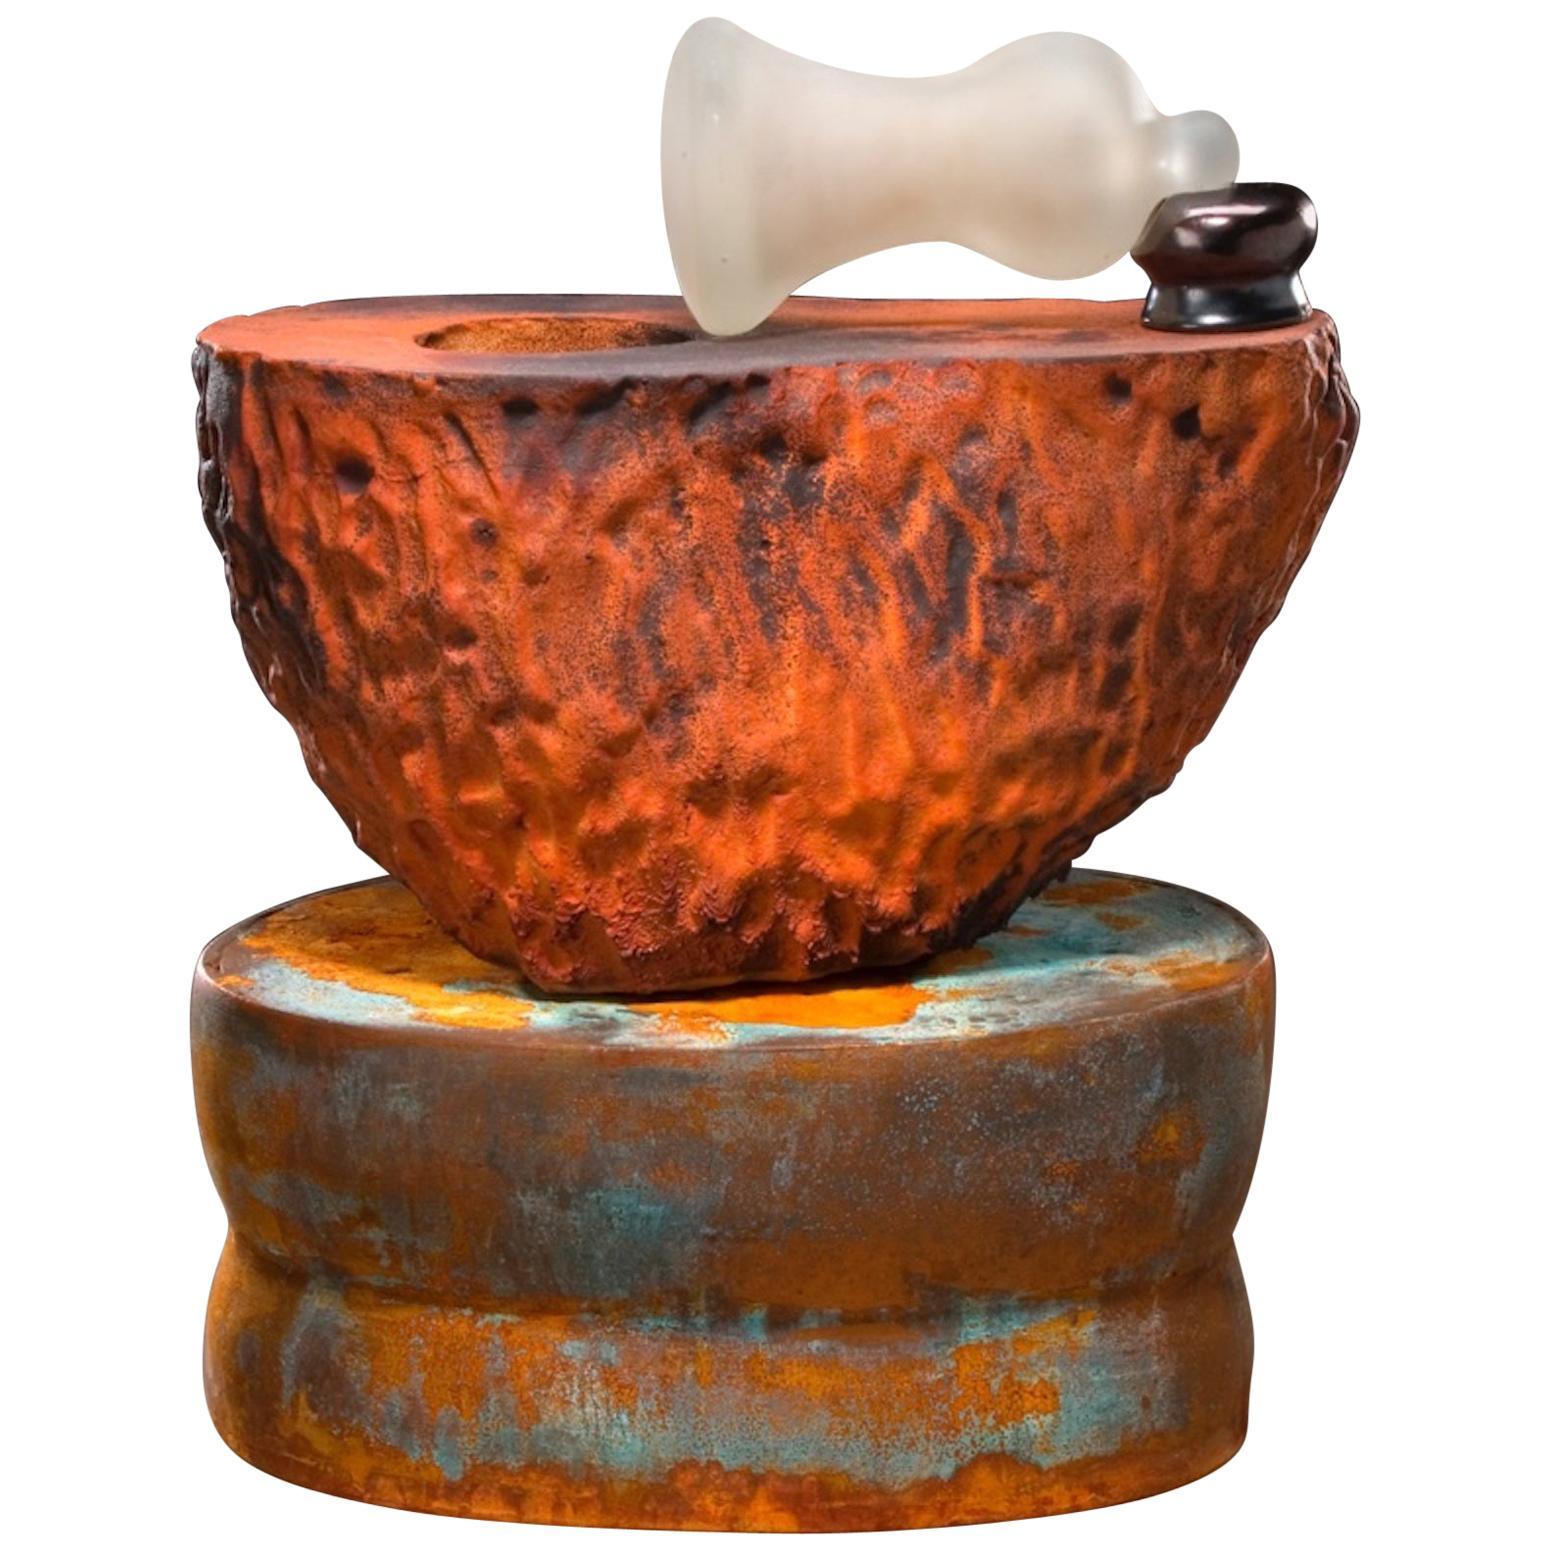 Richard Hirsch Ceramic Mortar and Blown Glass Pestle Sculpture #23, 2006